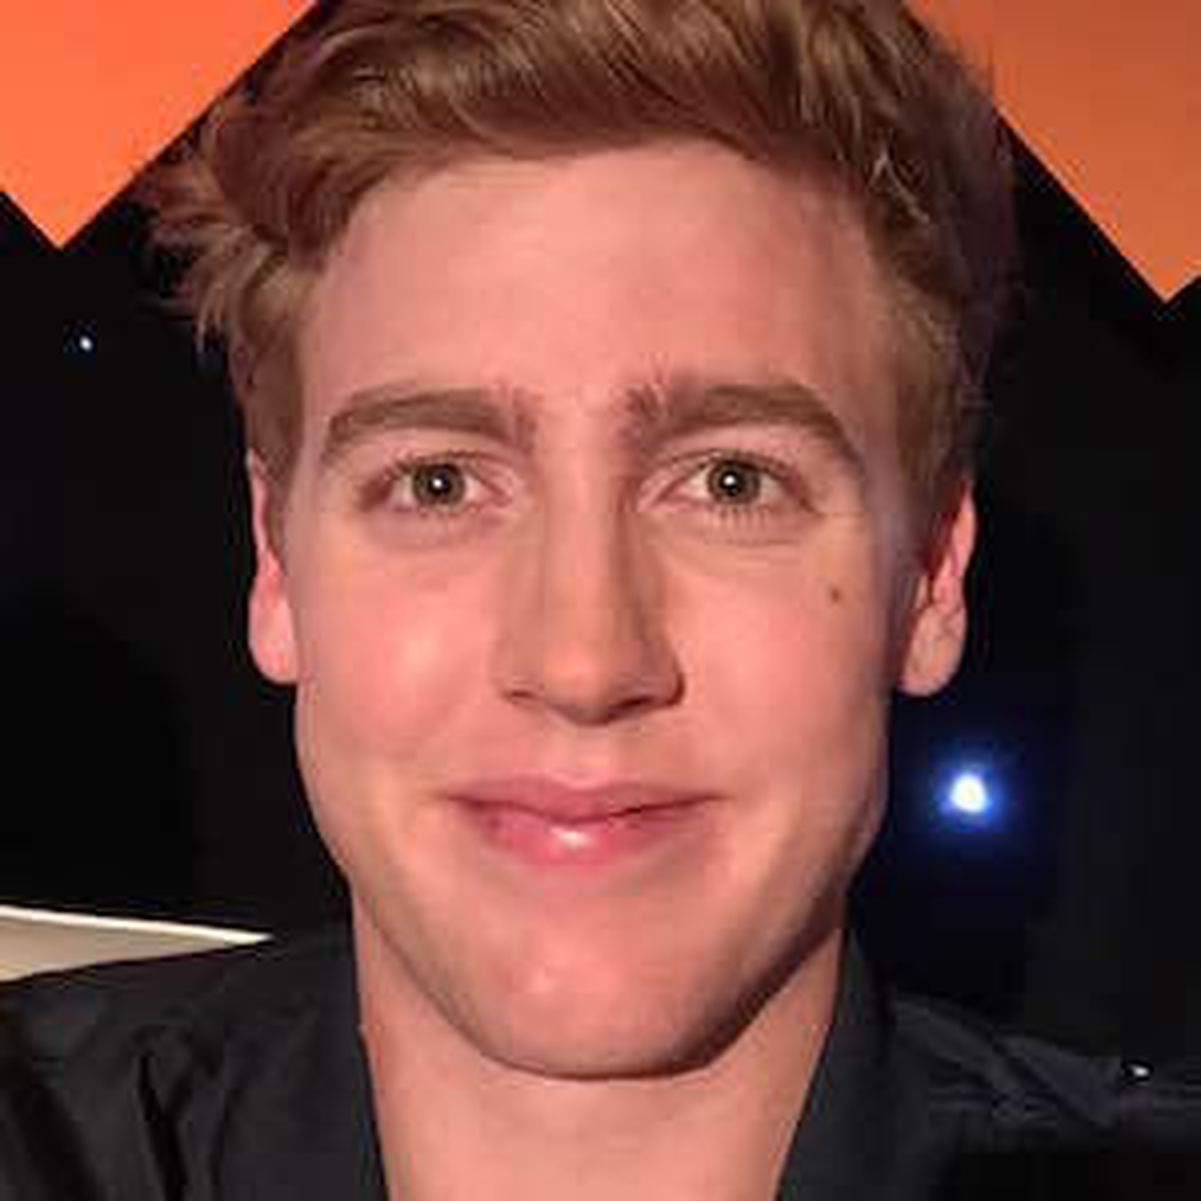 Joshua Pieters